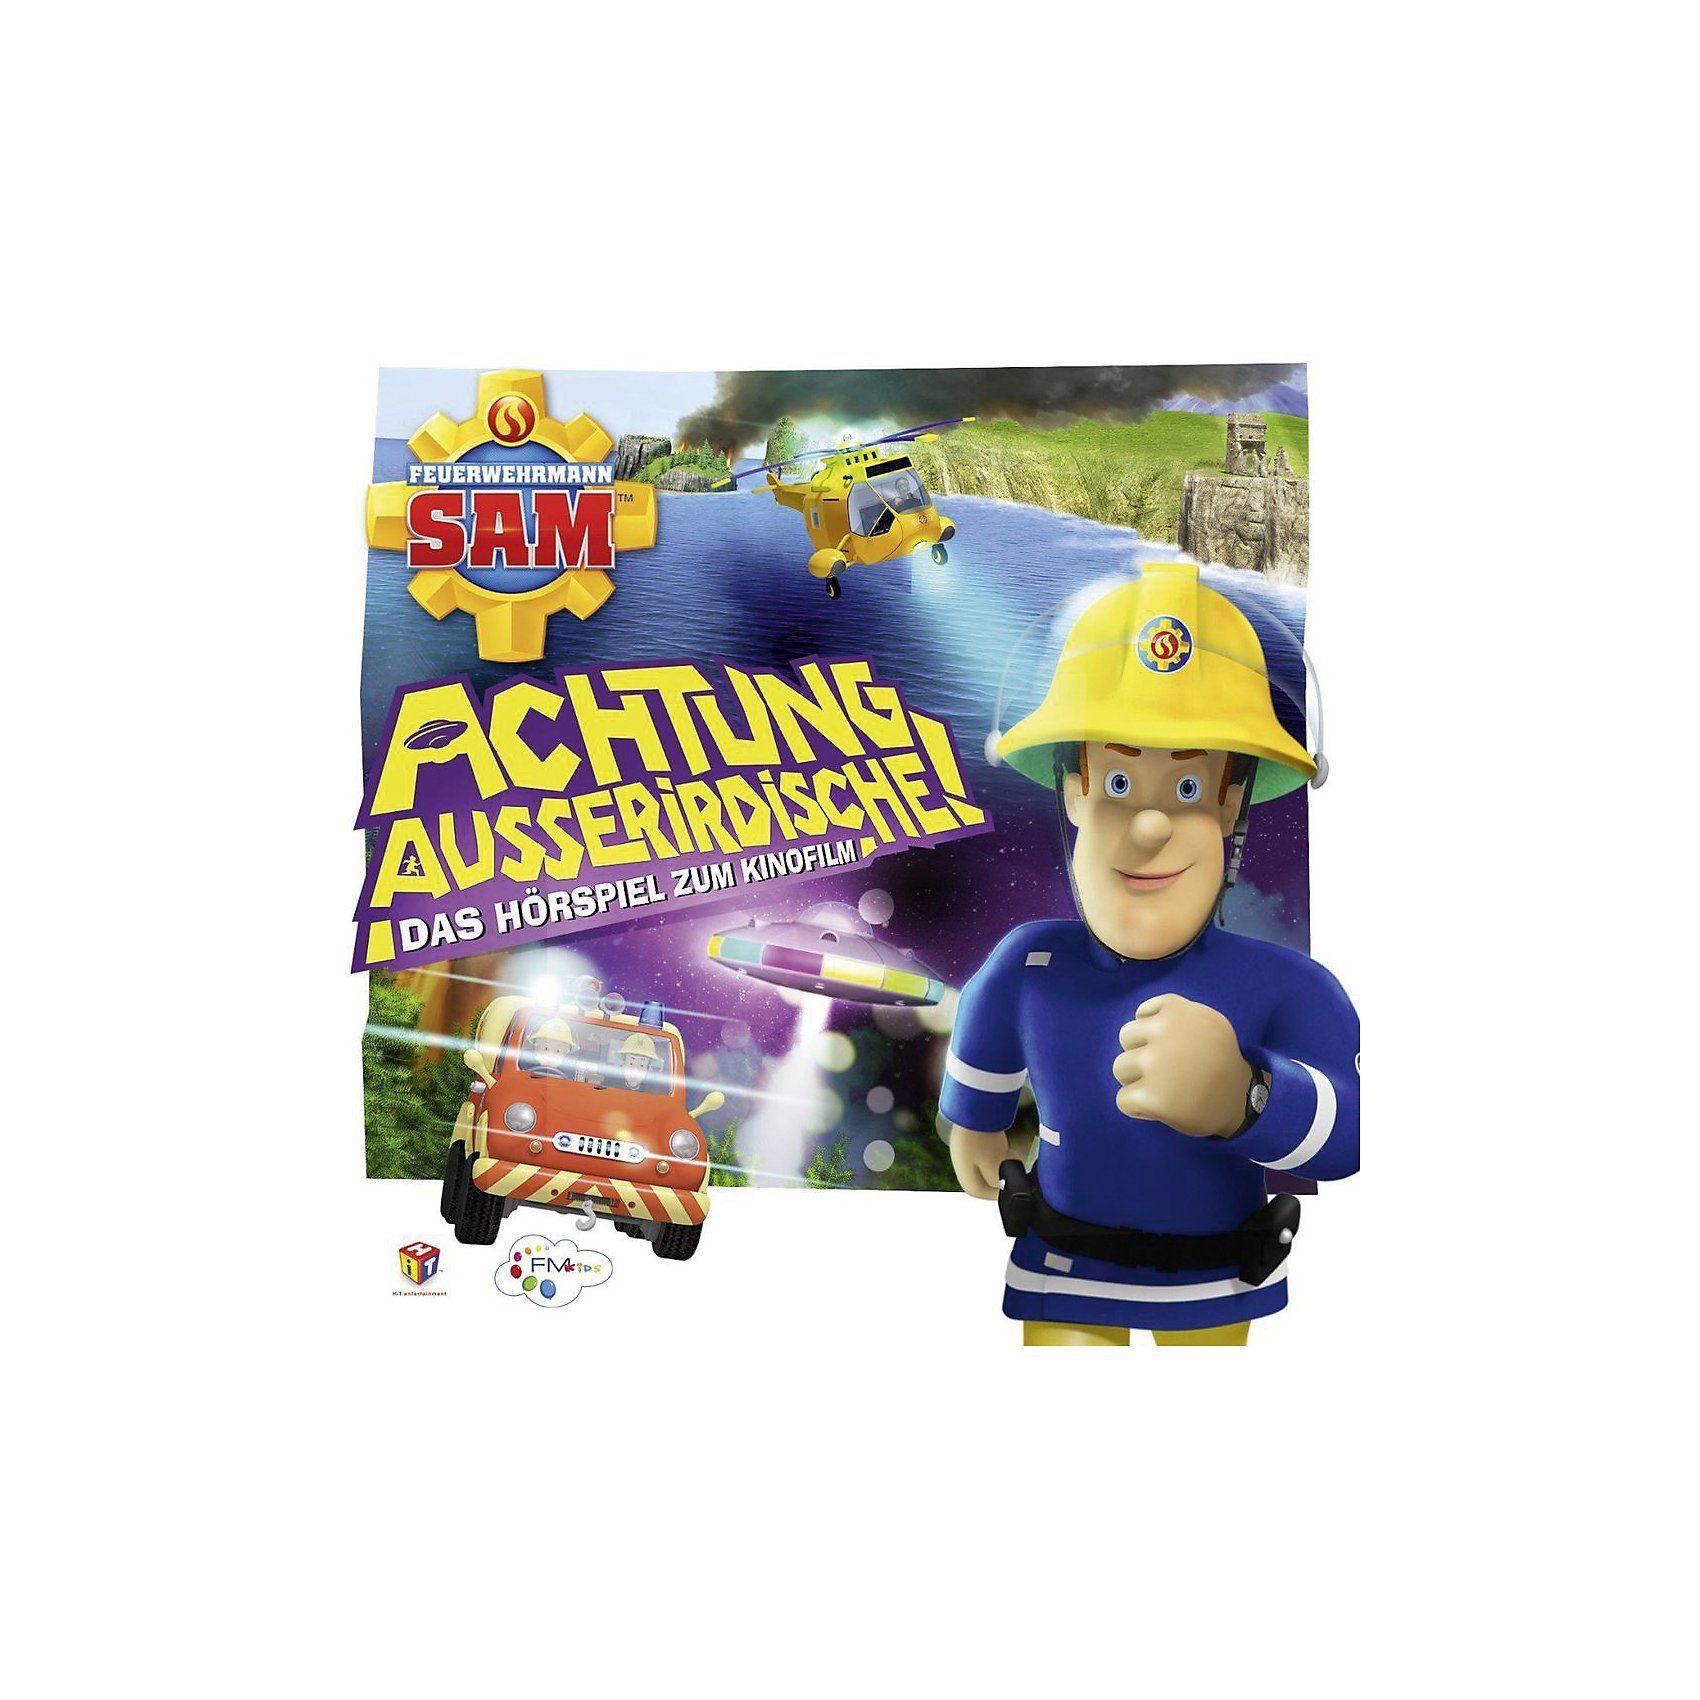 Just Bridge Entertainment CD Feuerwehrmann Sam - Achtung Außerirdische - Das Hörspiel